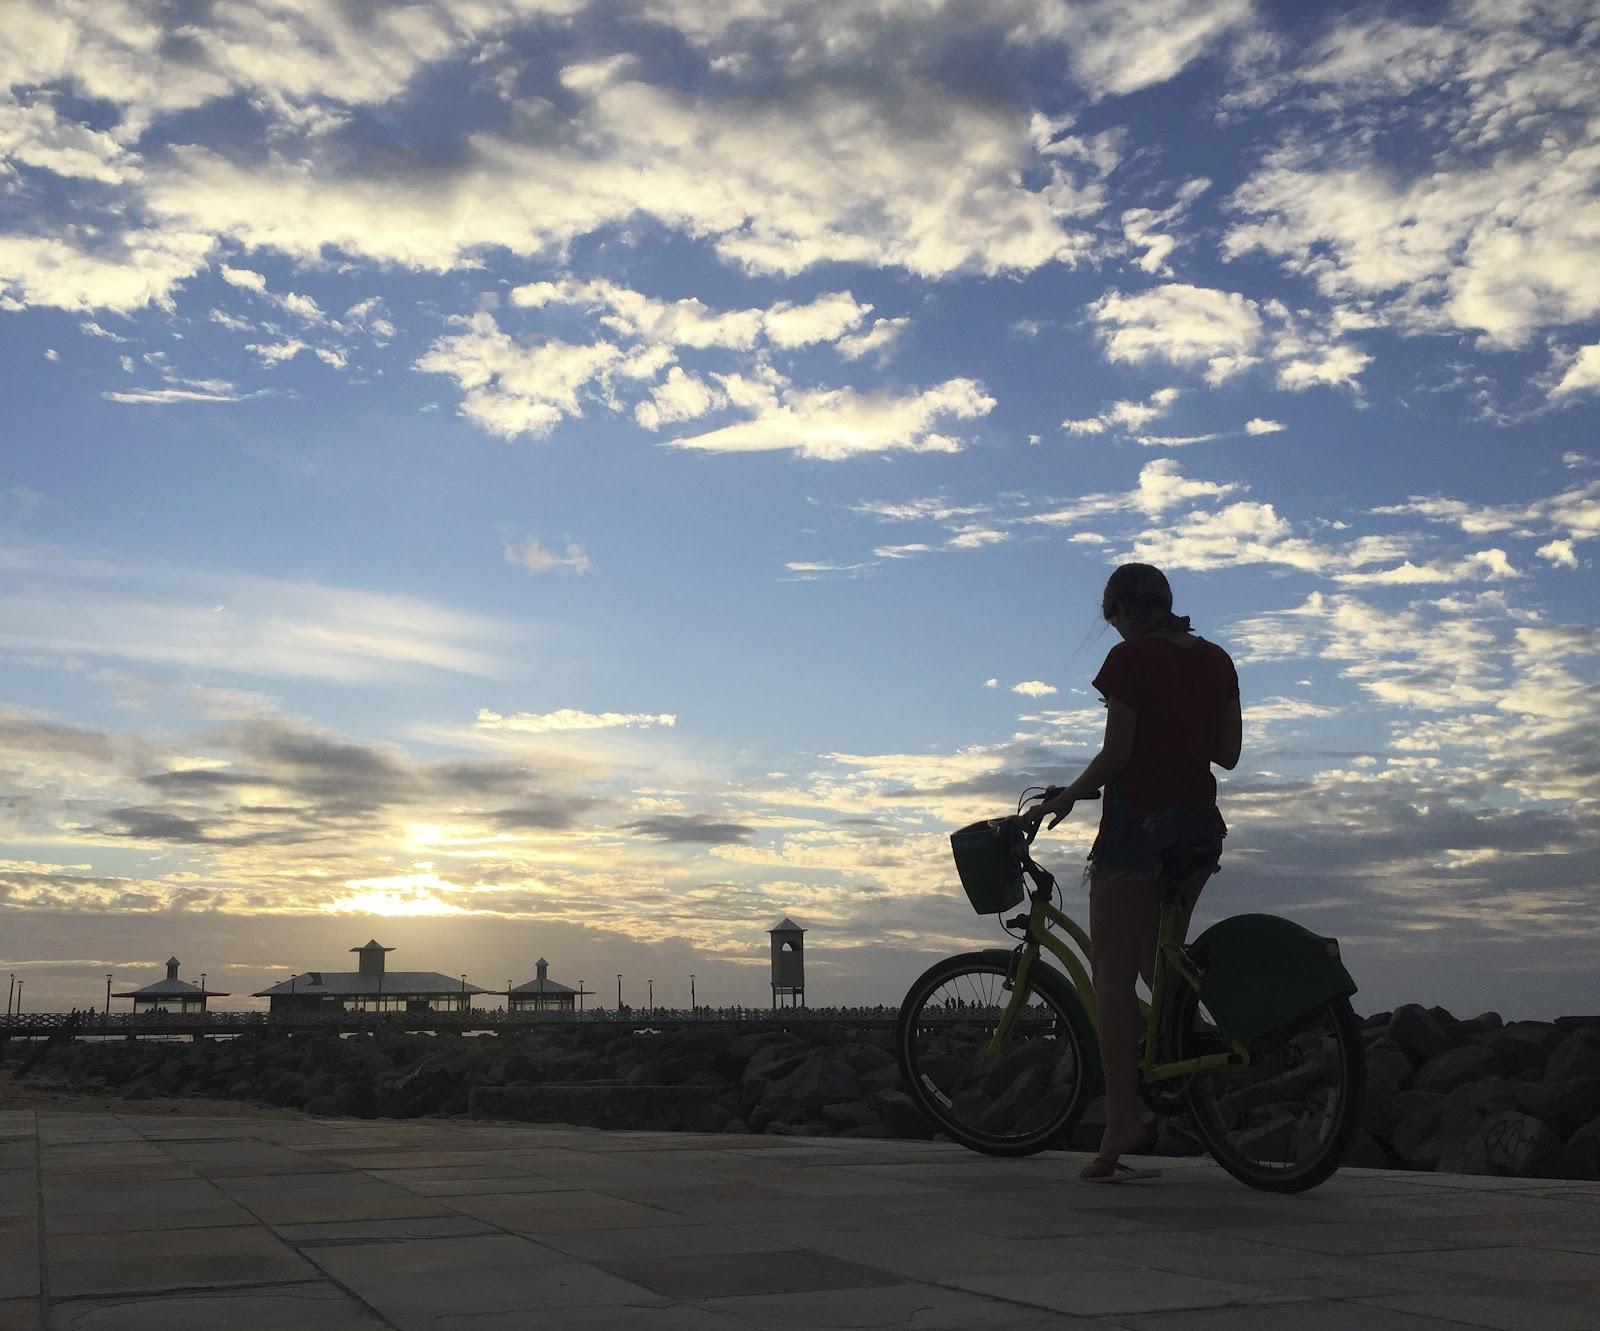 Optar pela bicicleta pode trazer experiências de prazer ao vivenciar a cidade com mais liberdade. (Fonte: Shutterstock)